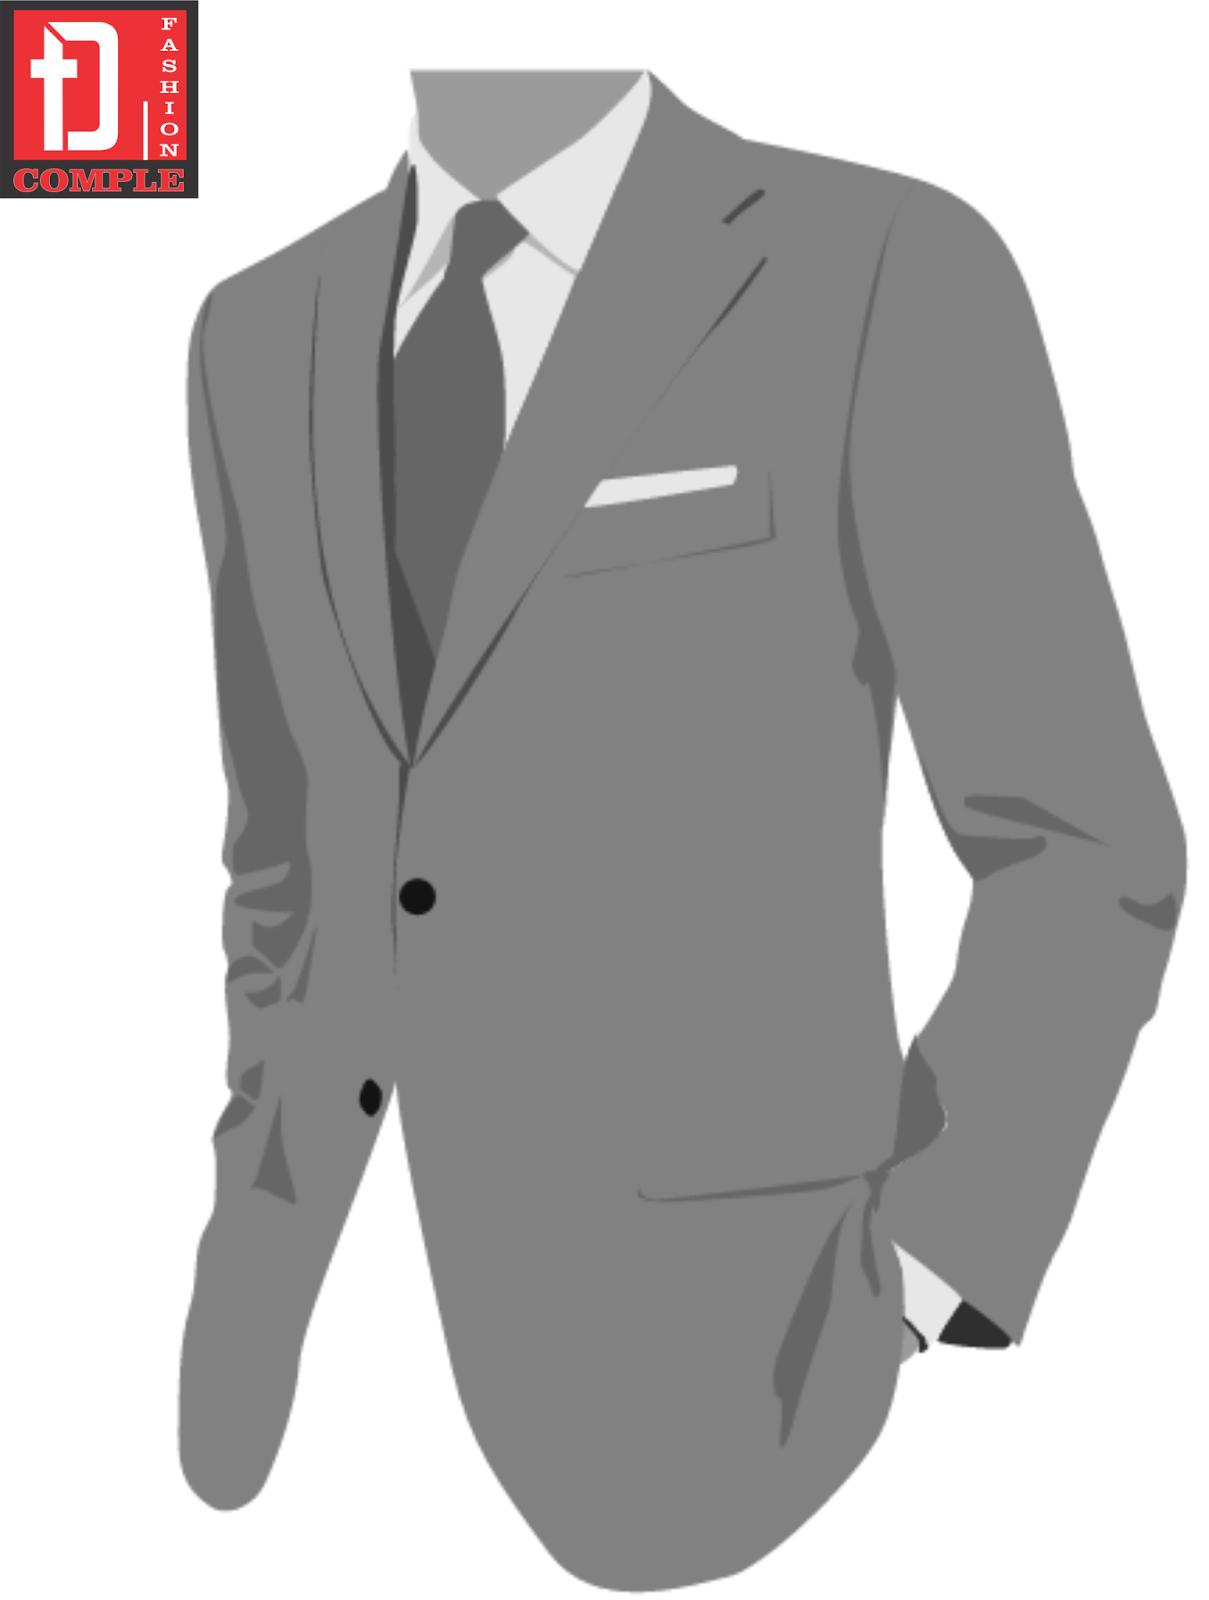 Nhà may Đức Tài - Thời trang doanh nhân 4